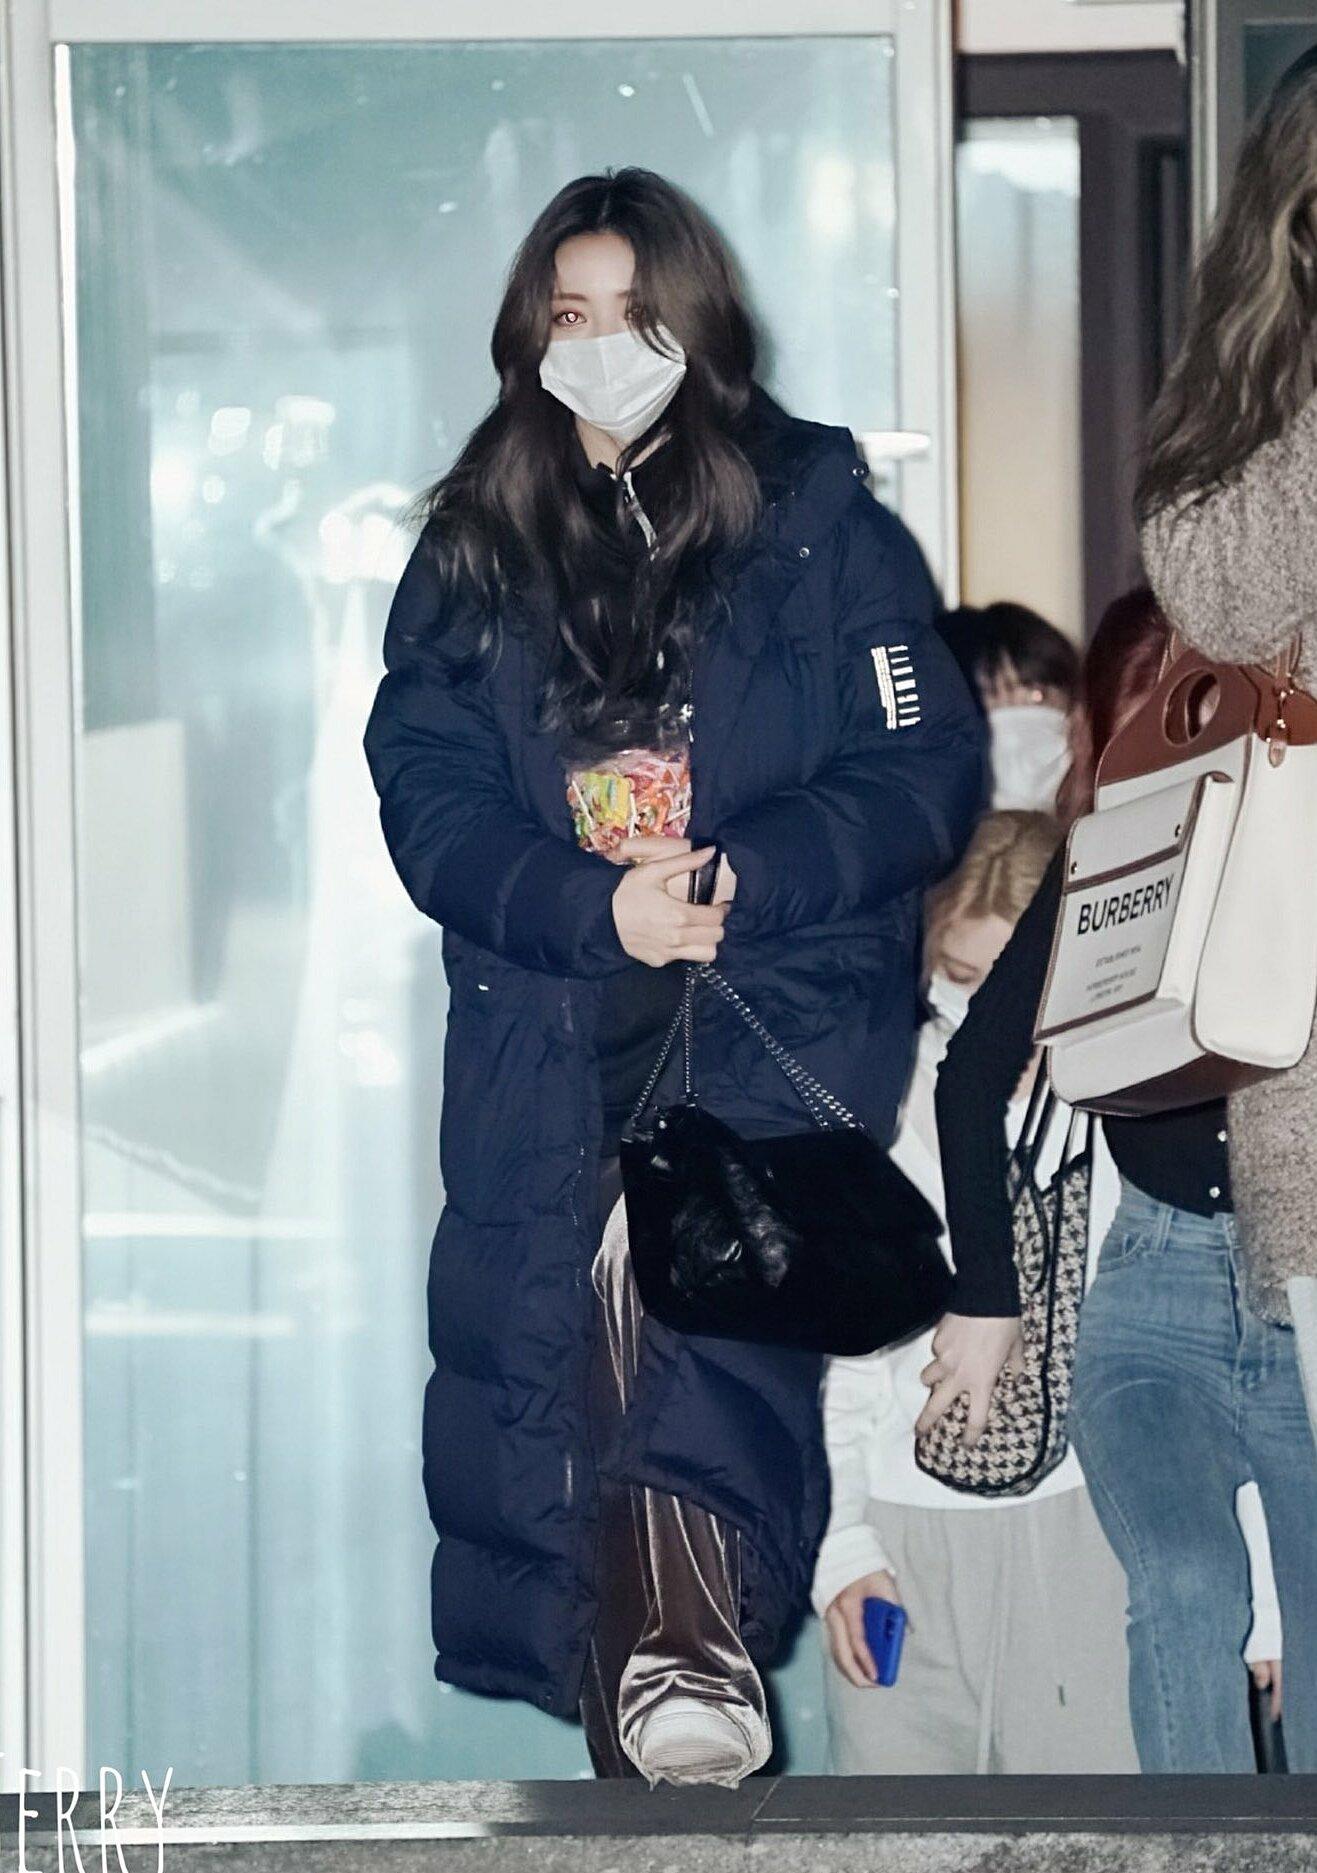 Yuna rời trường quay sau khi kết thúc ghi hình. Cô mặc áo phao dáng dài giữ ấm nhưng vẫn cực cool nhờ chiều cao ấn tượng và ngoại hình xinh đẹp.